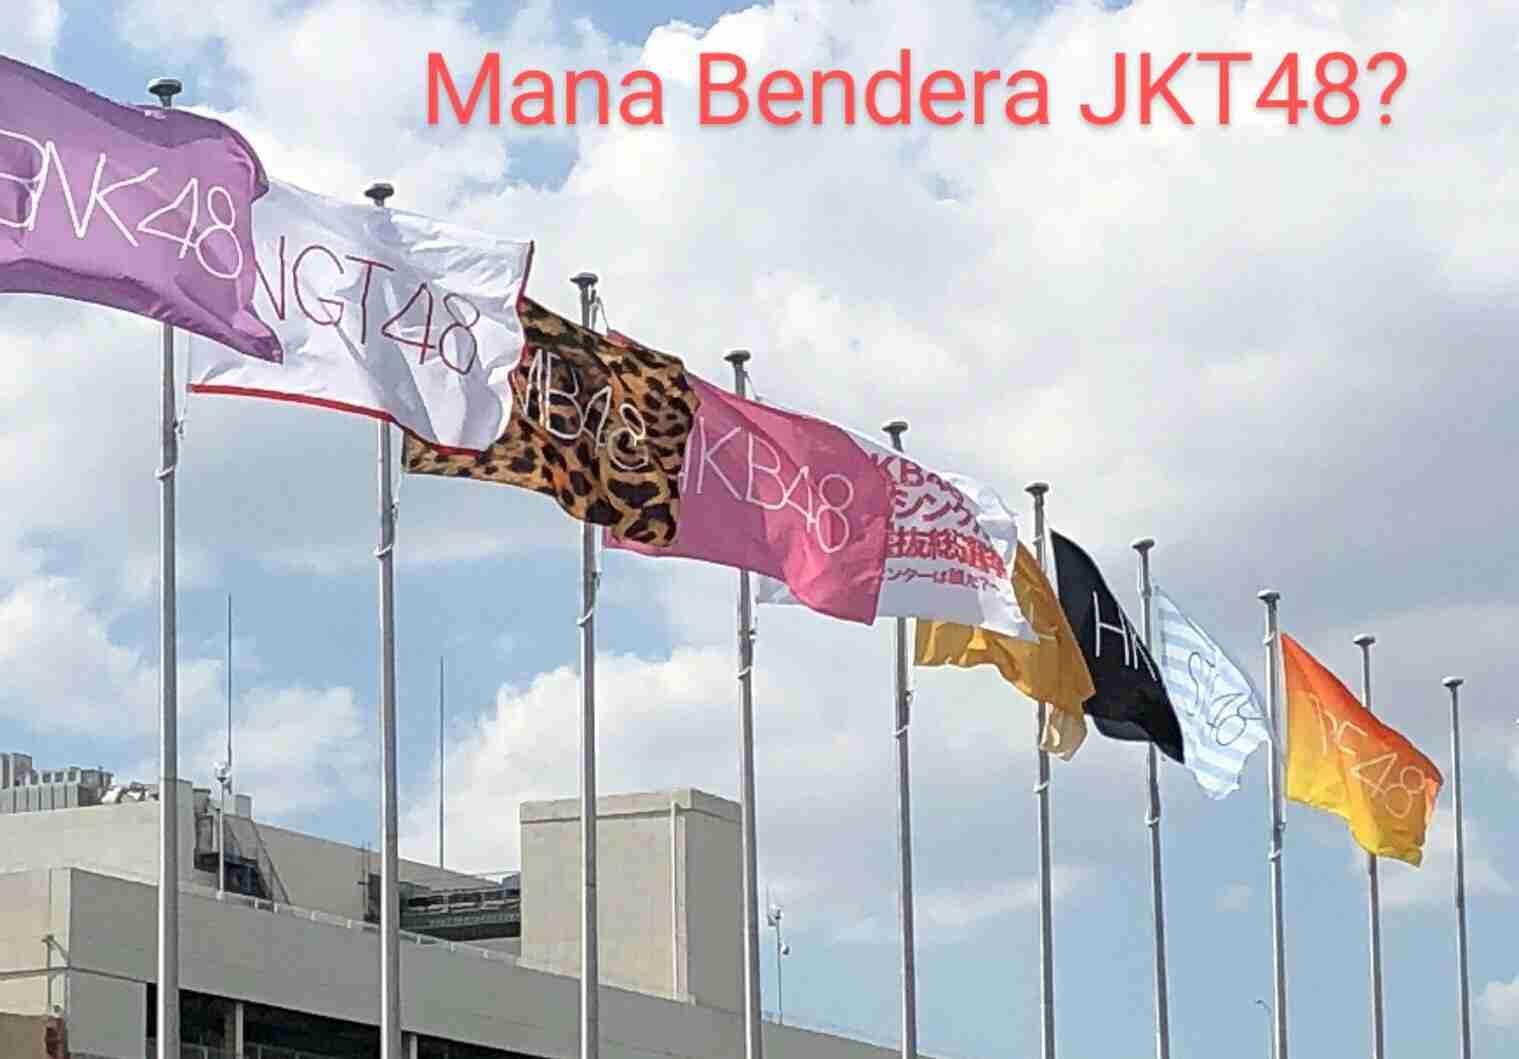 bendera jkt48 di jepang event akb48 group